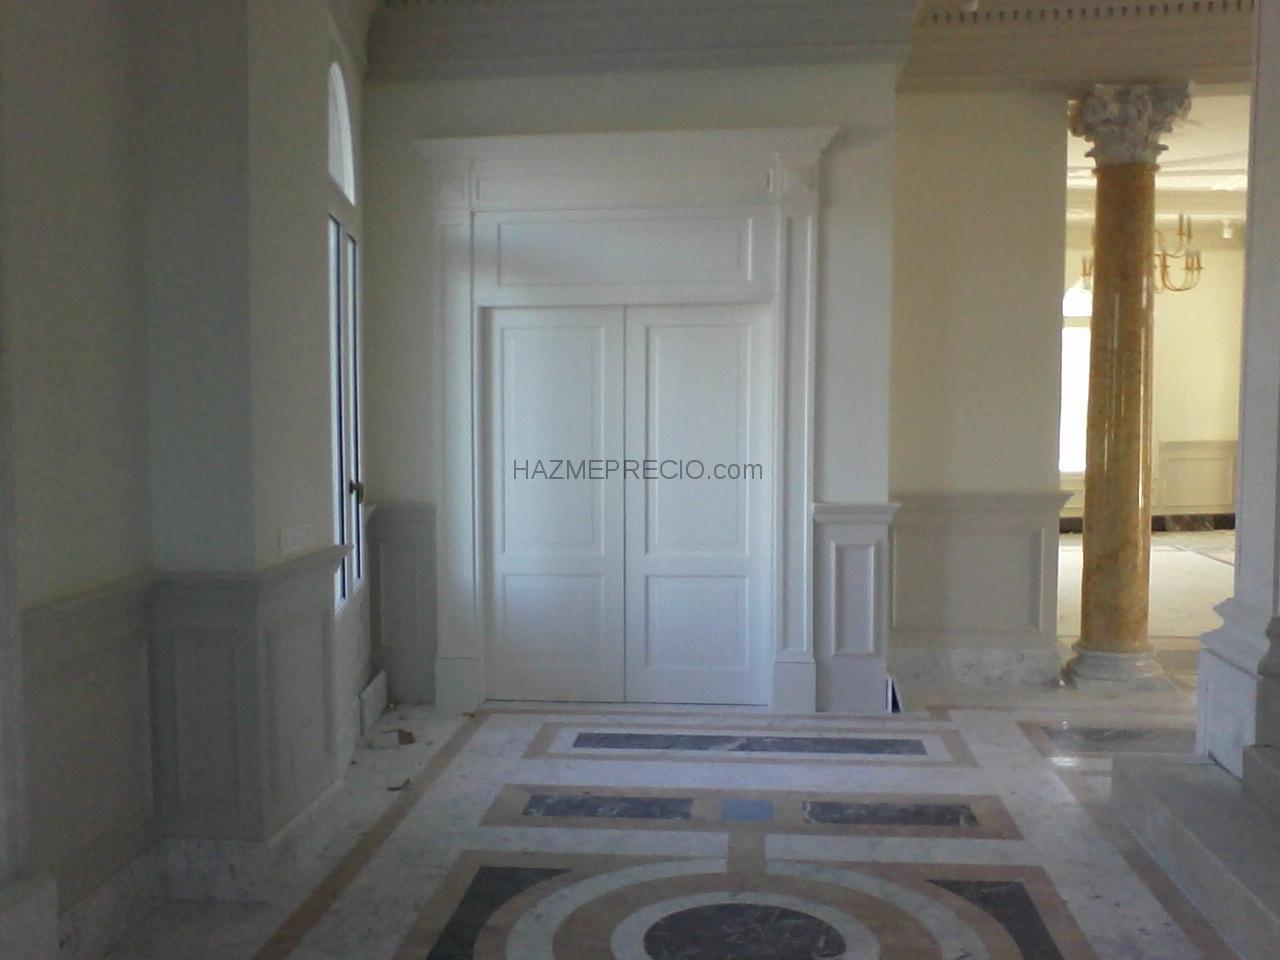 Presupuesto Armario Empotrado Madrid : Presupuesto para armario empotrado en alcorc?n madrid